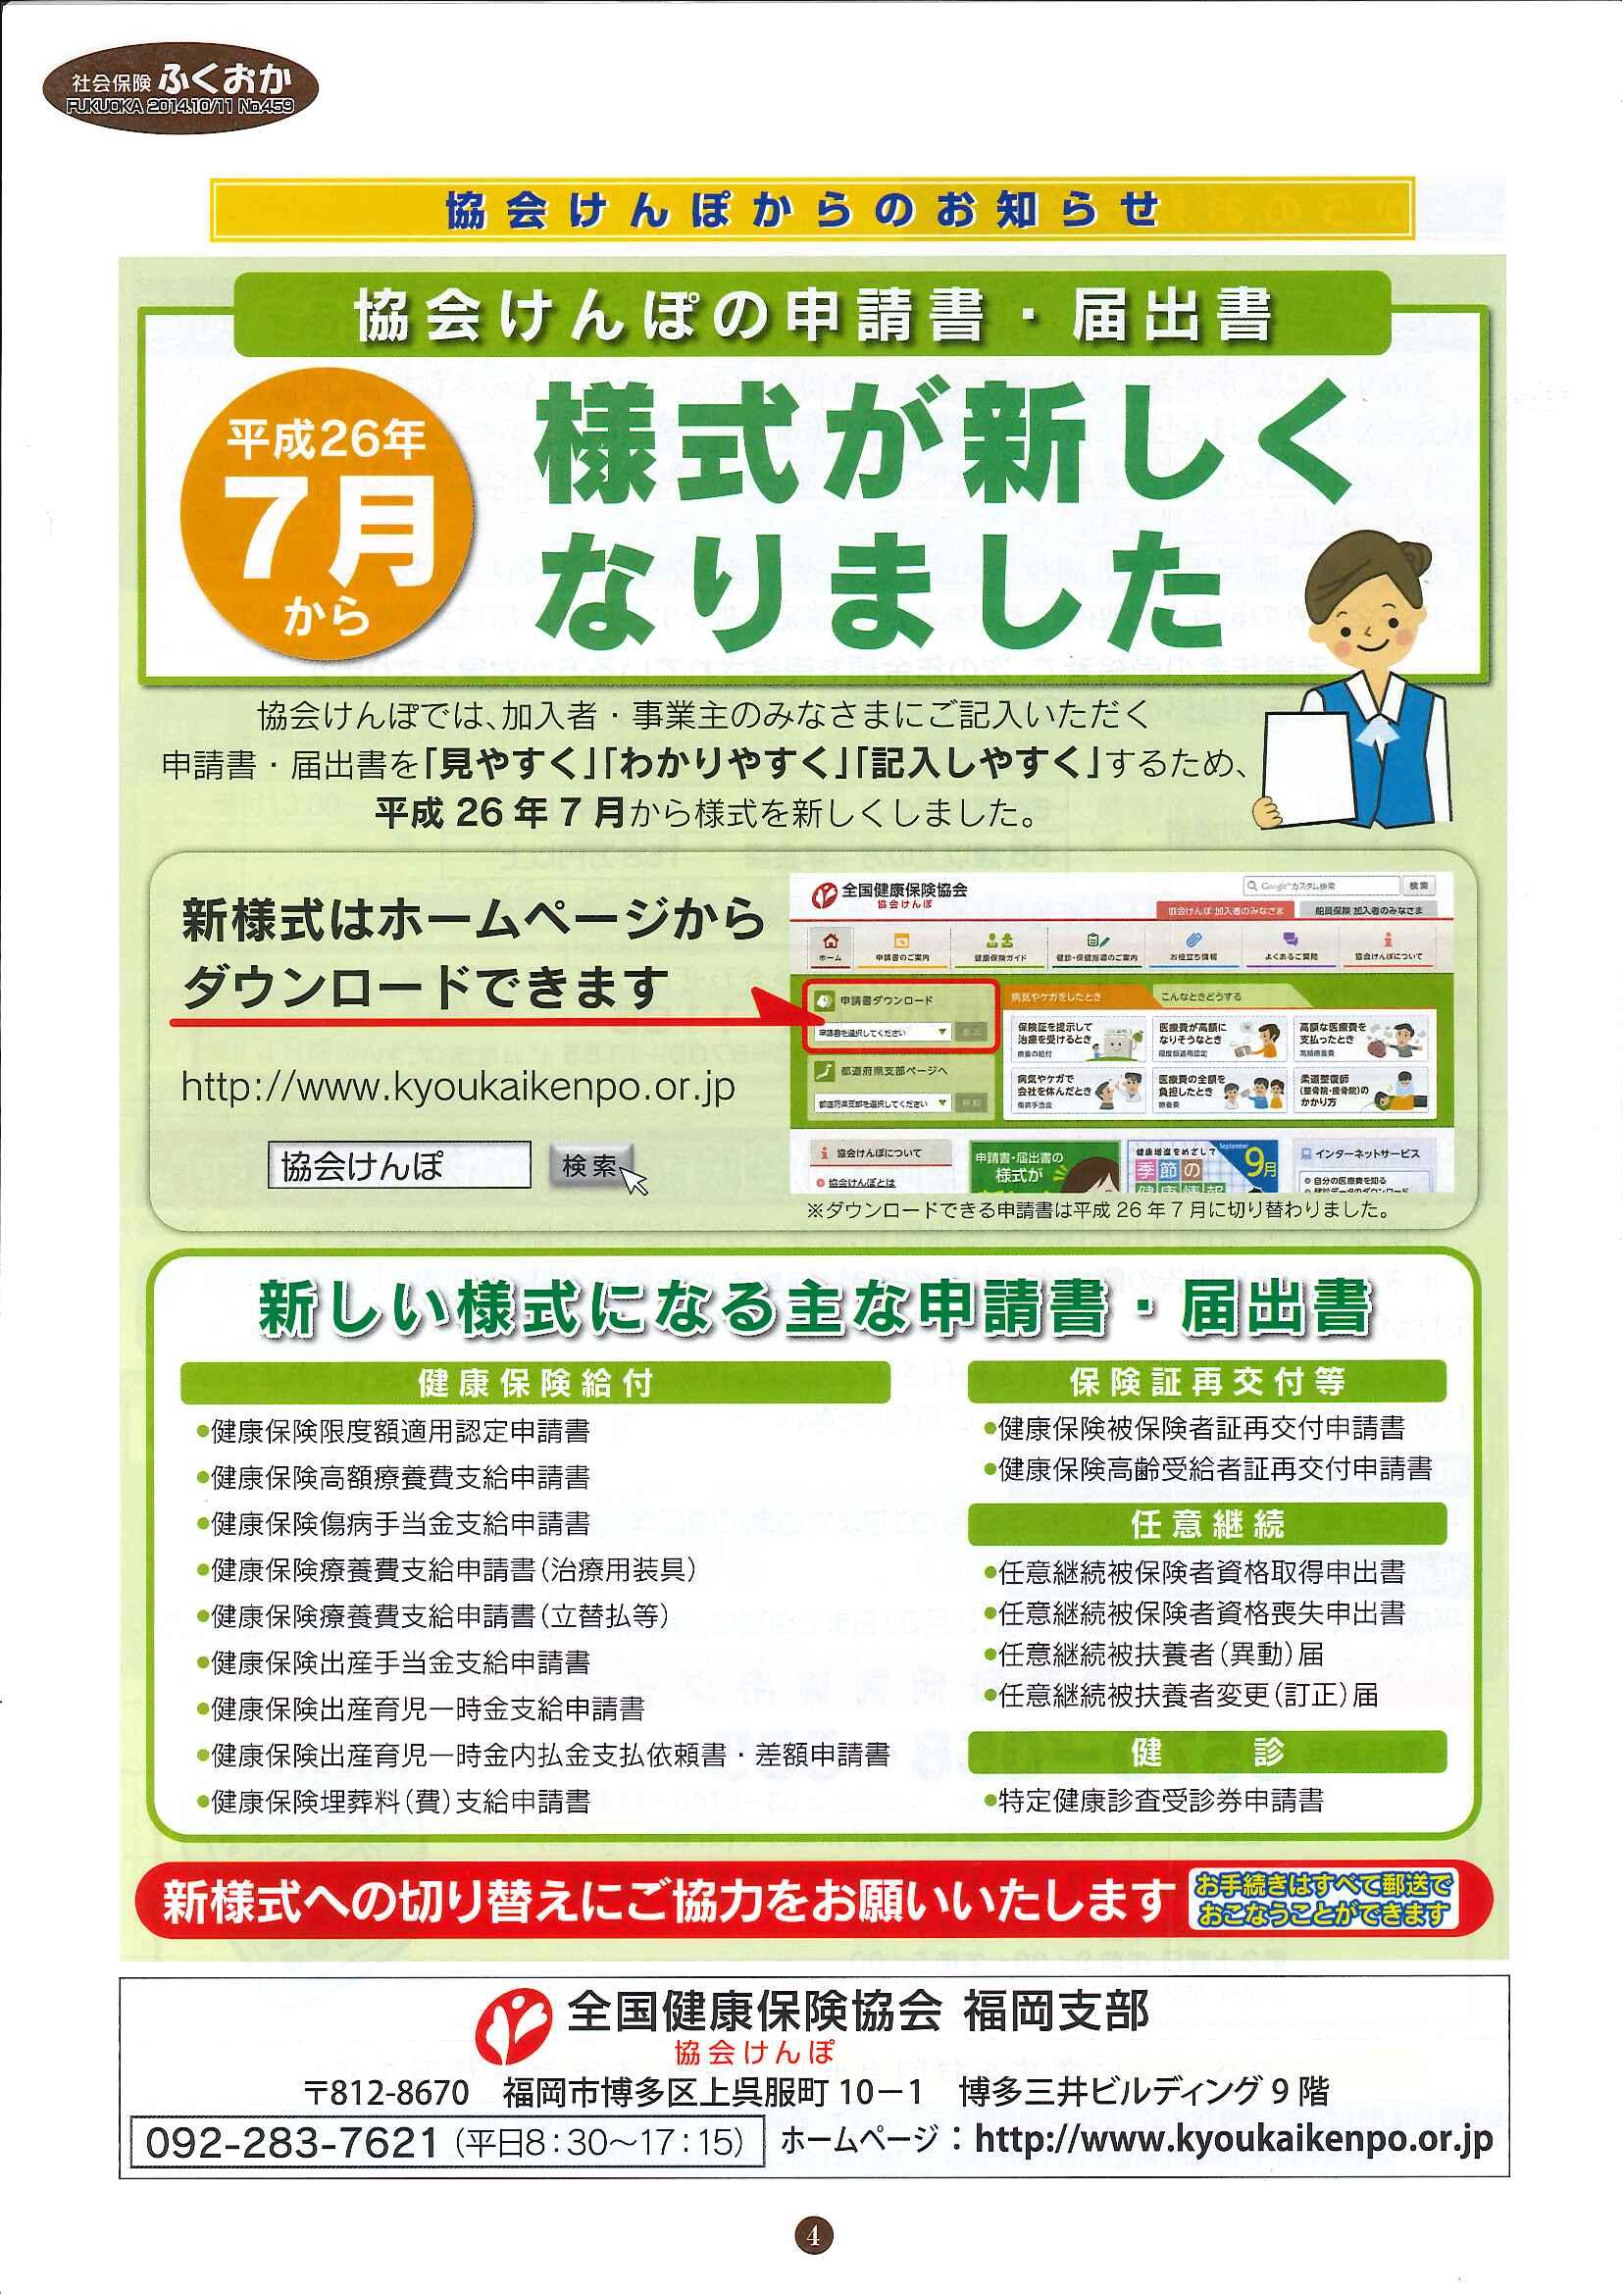 社会保険 「ふくおか」 2014年10・11月号_f0120774_14594188.jpg